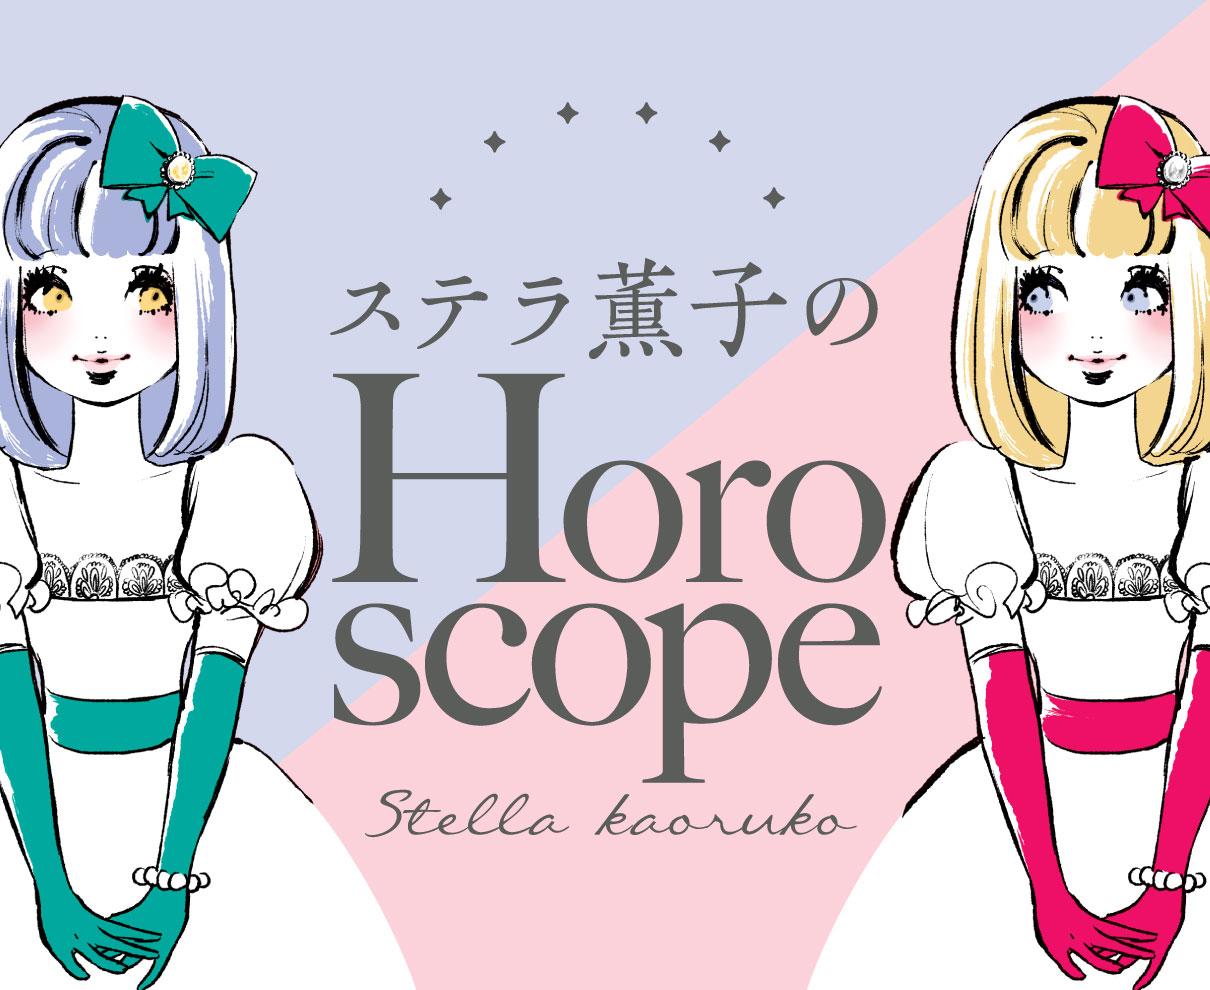 月刊ウララ4月号『ステラ薫子のHoroscope』より。今月の運勢を占おう!